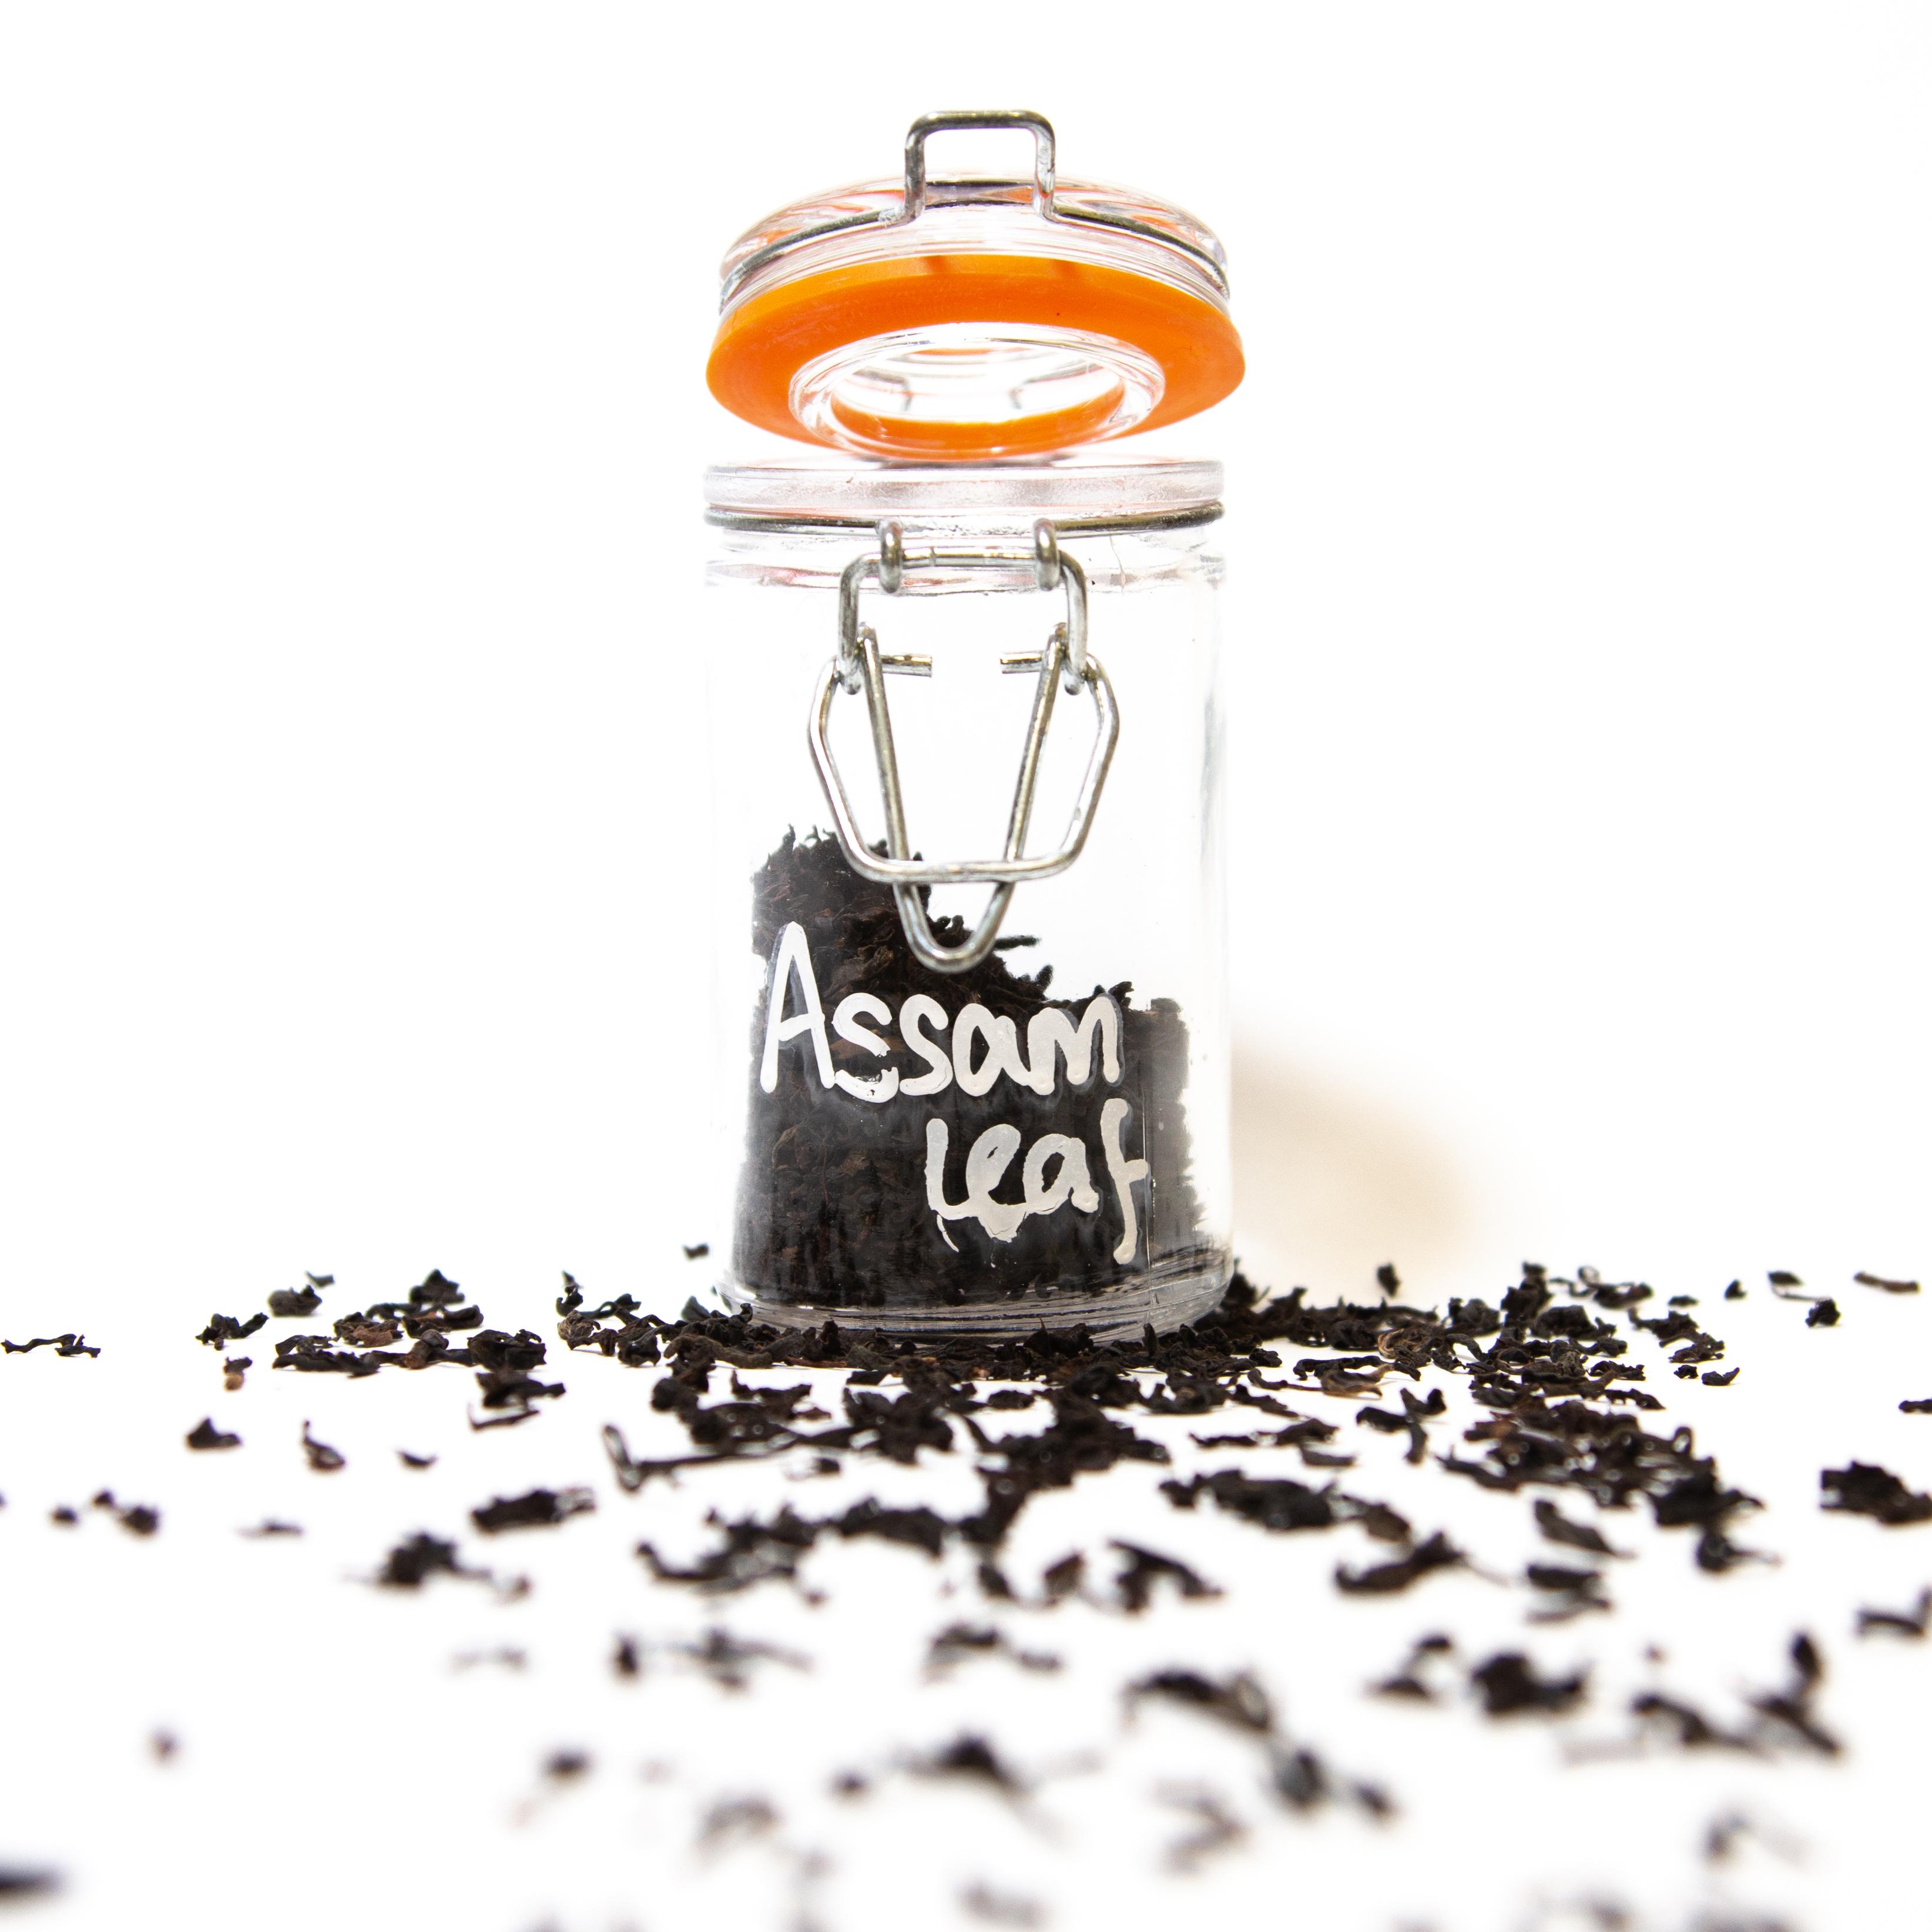 Assam Loose Leaf Tea